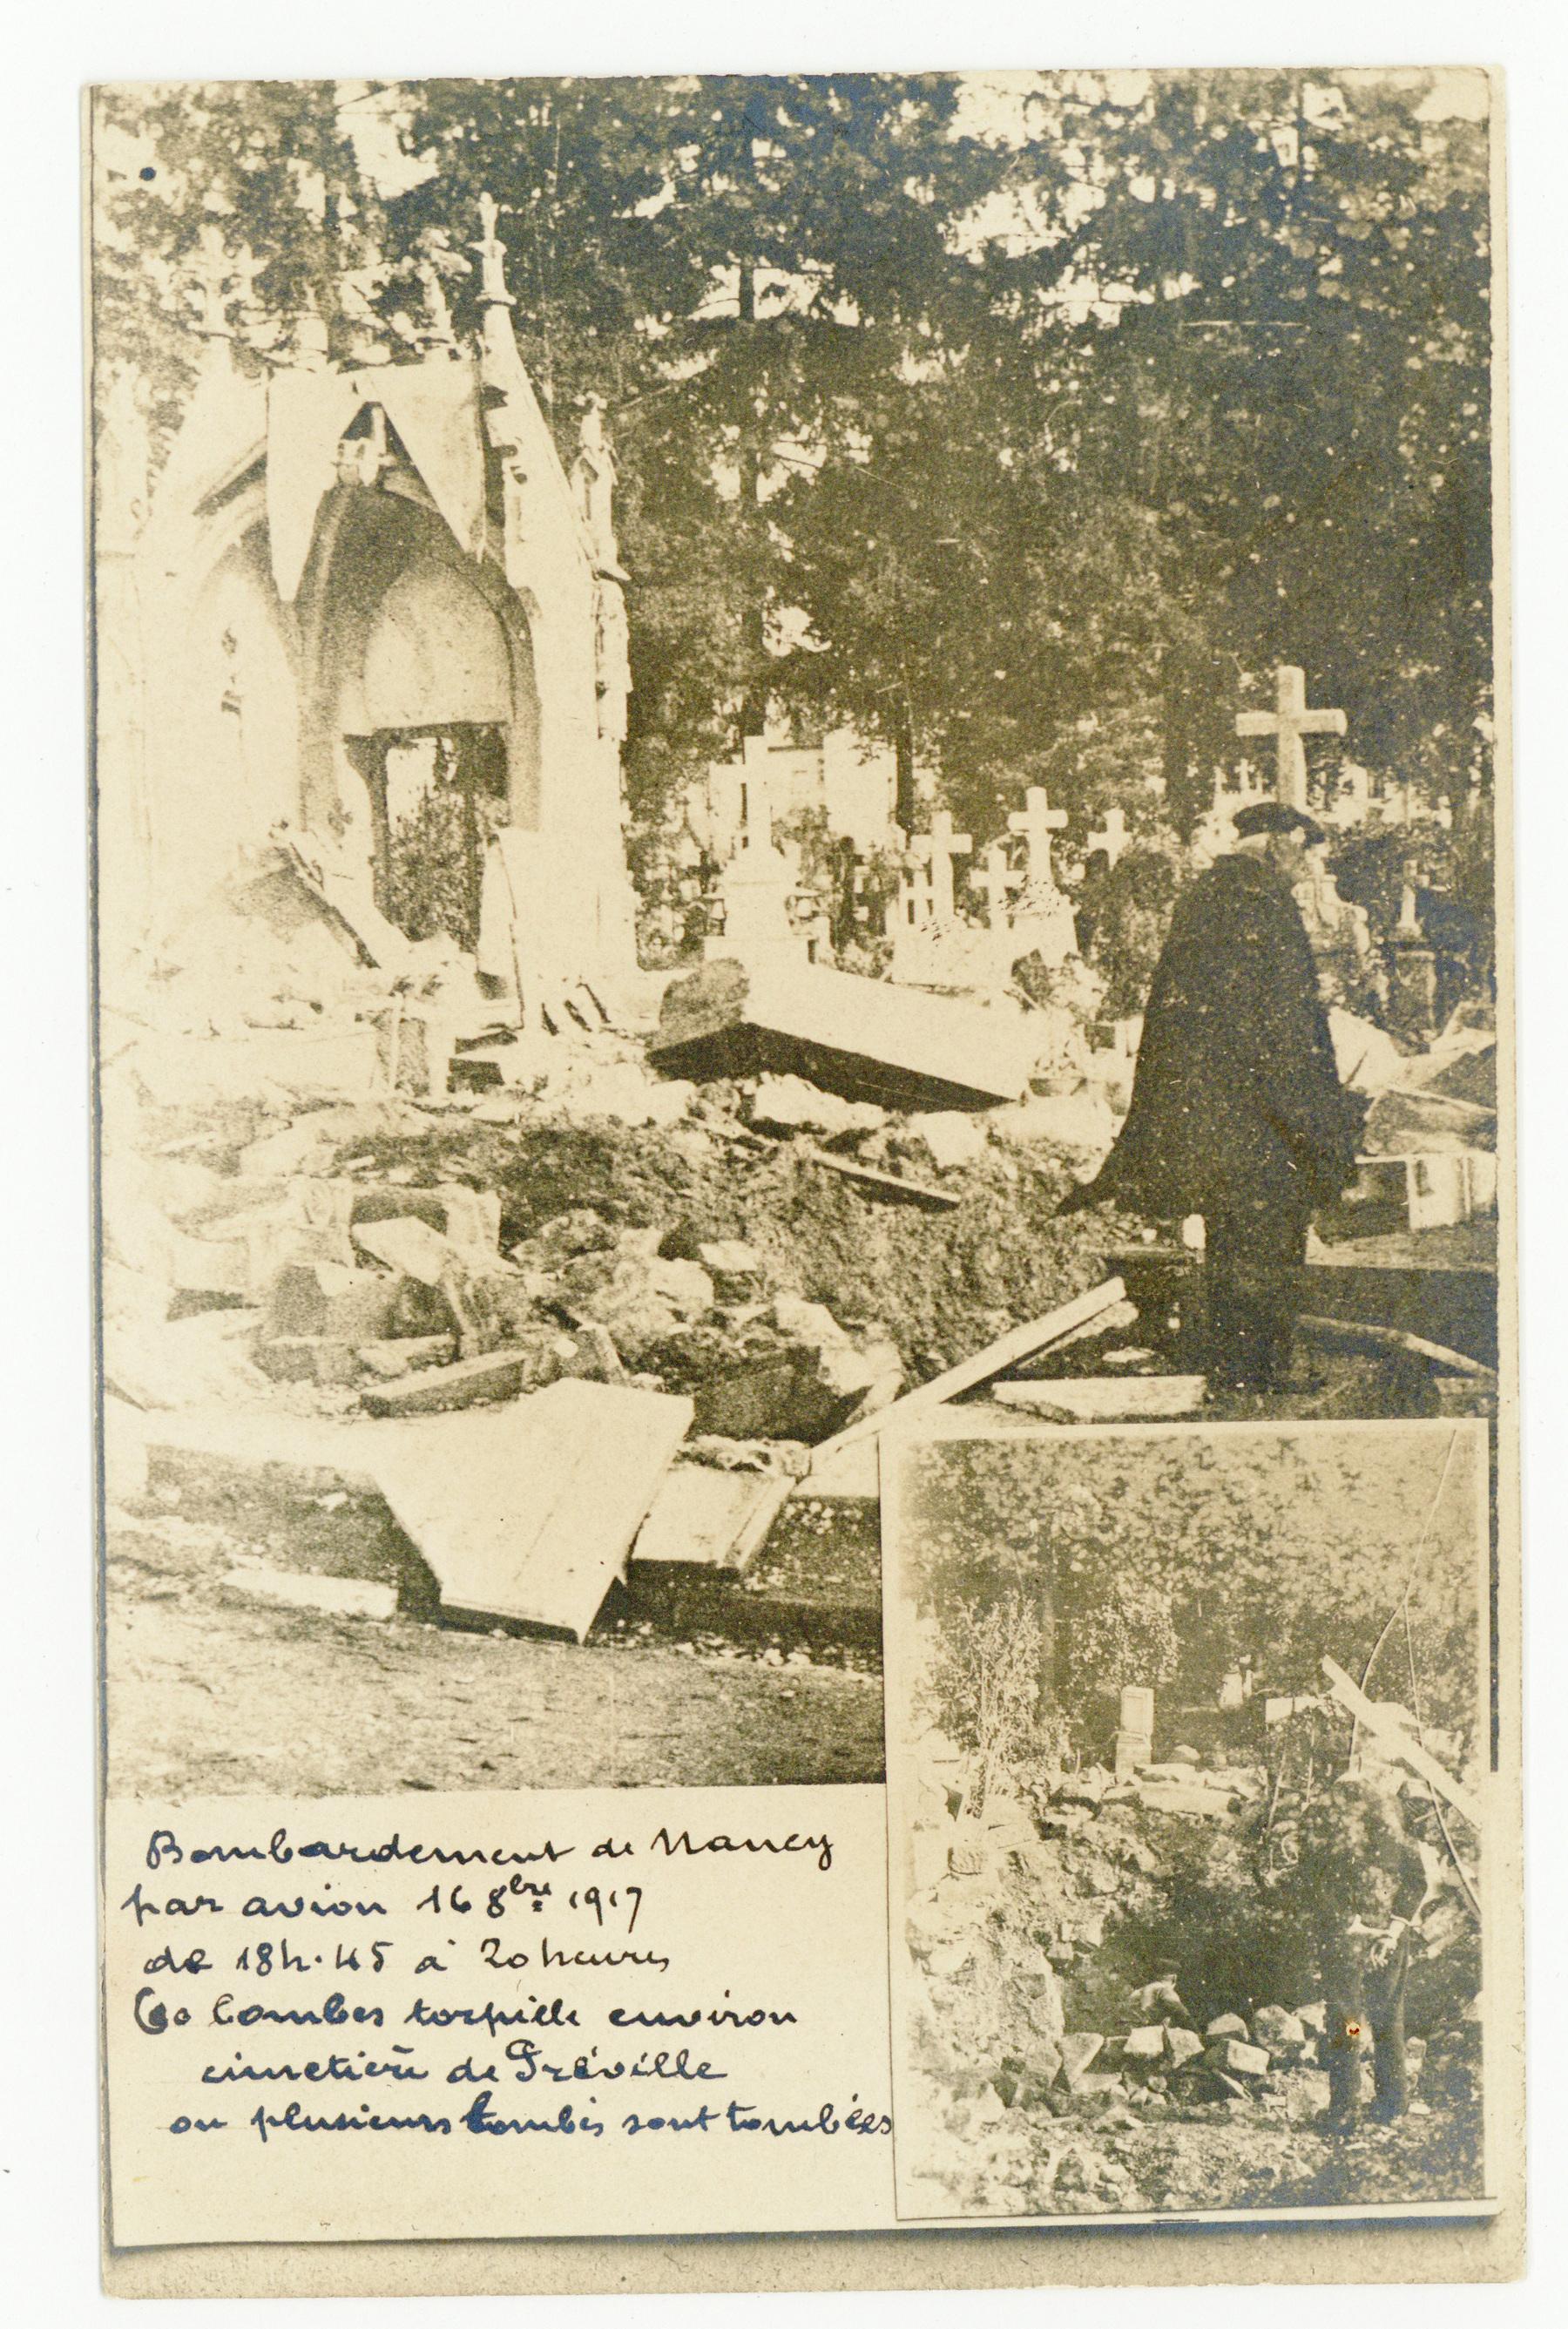 Contenu du Bombardement d'octobre 1917, cimetière de Préville.